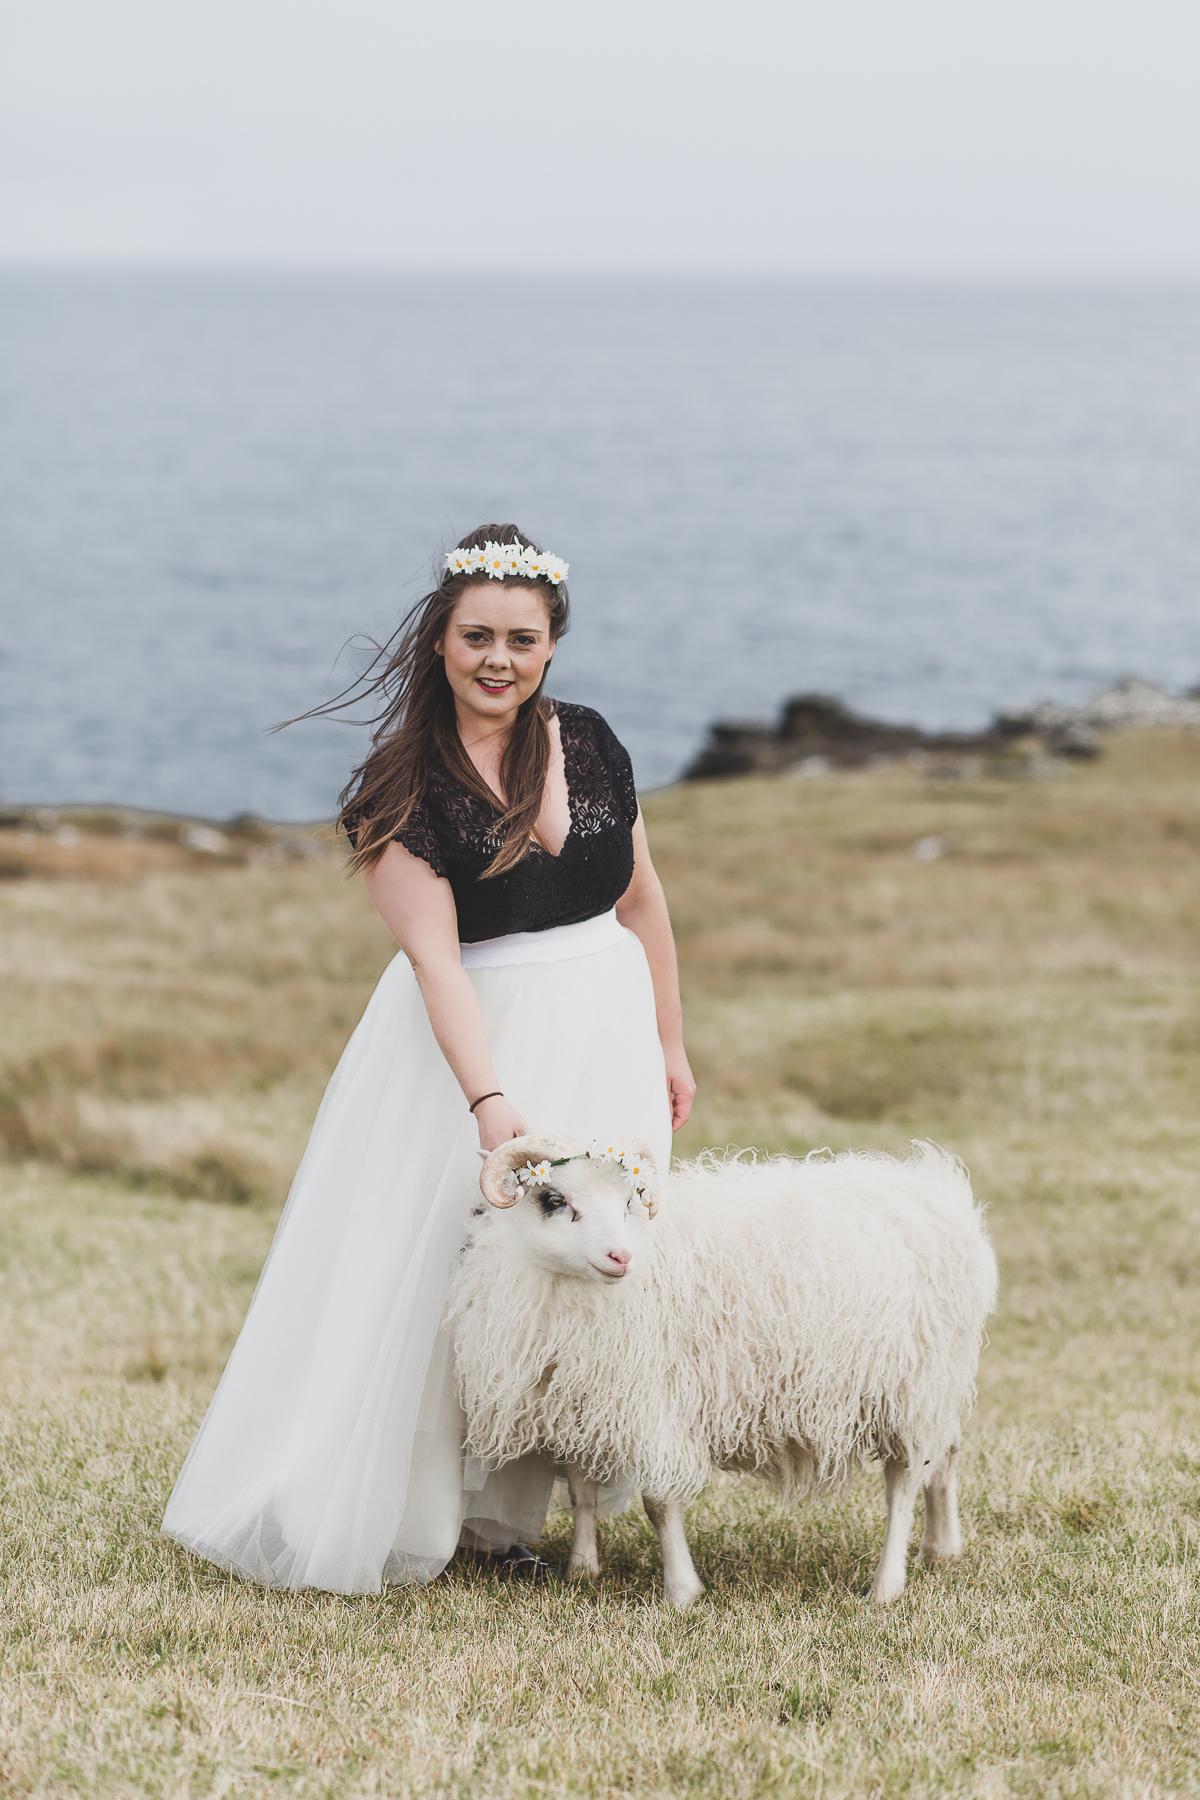 sheepportrait.jpg